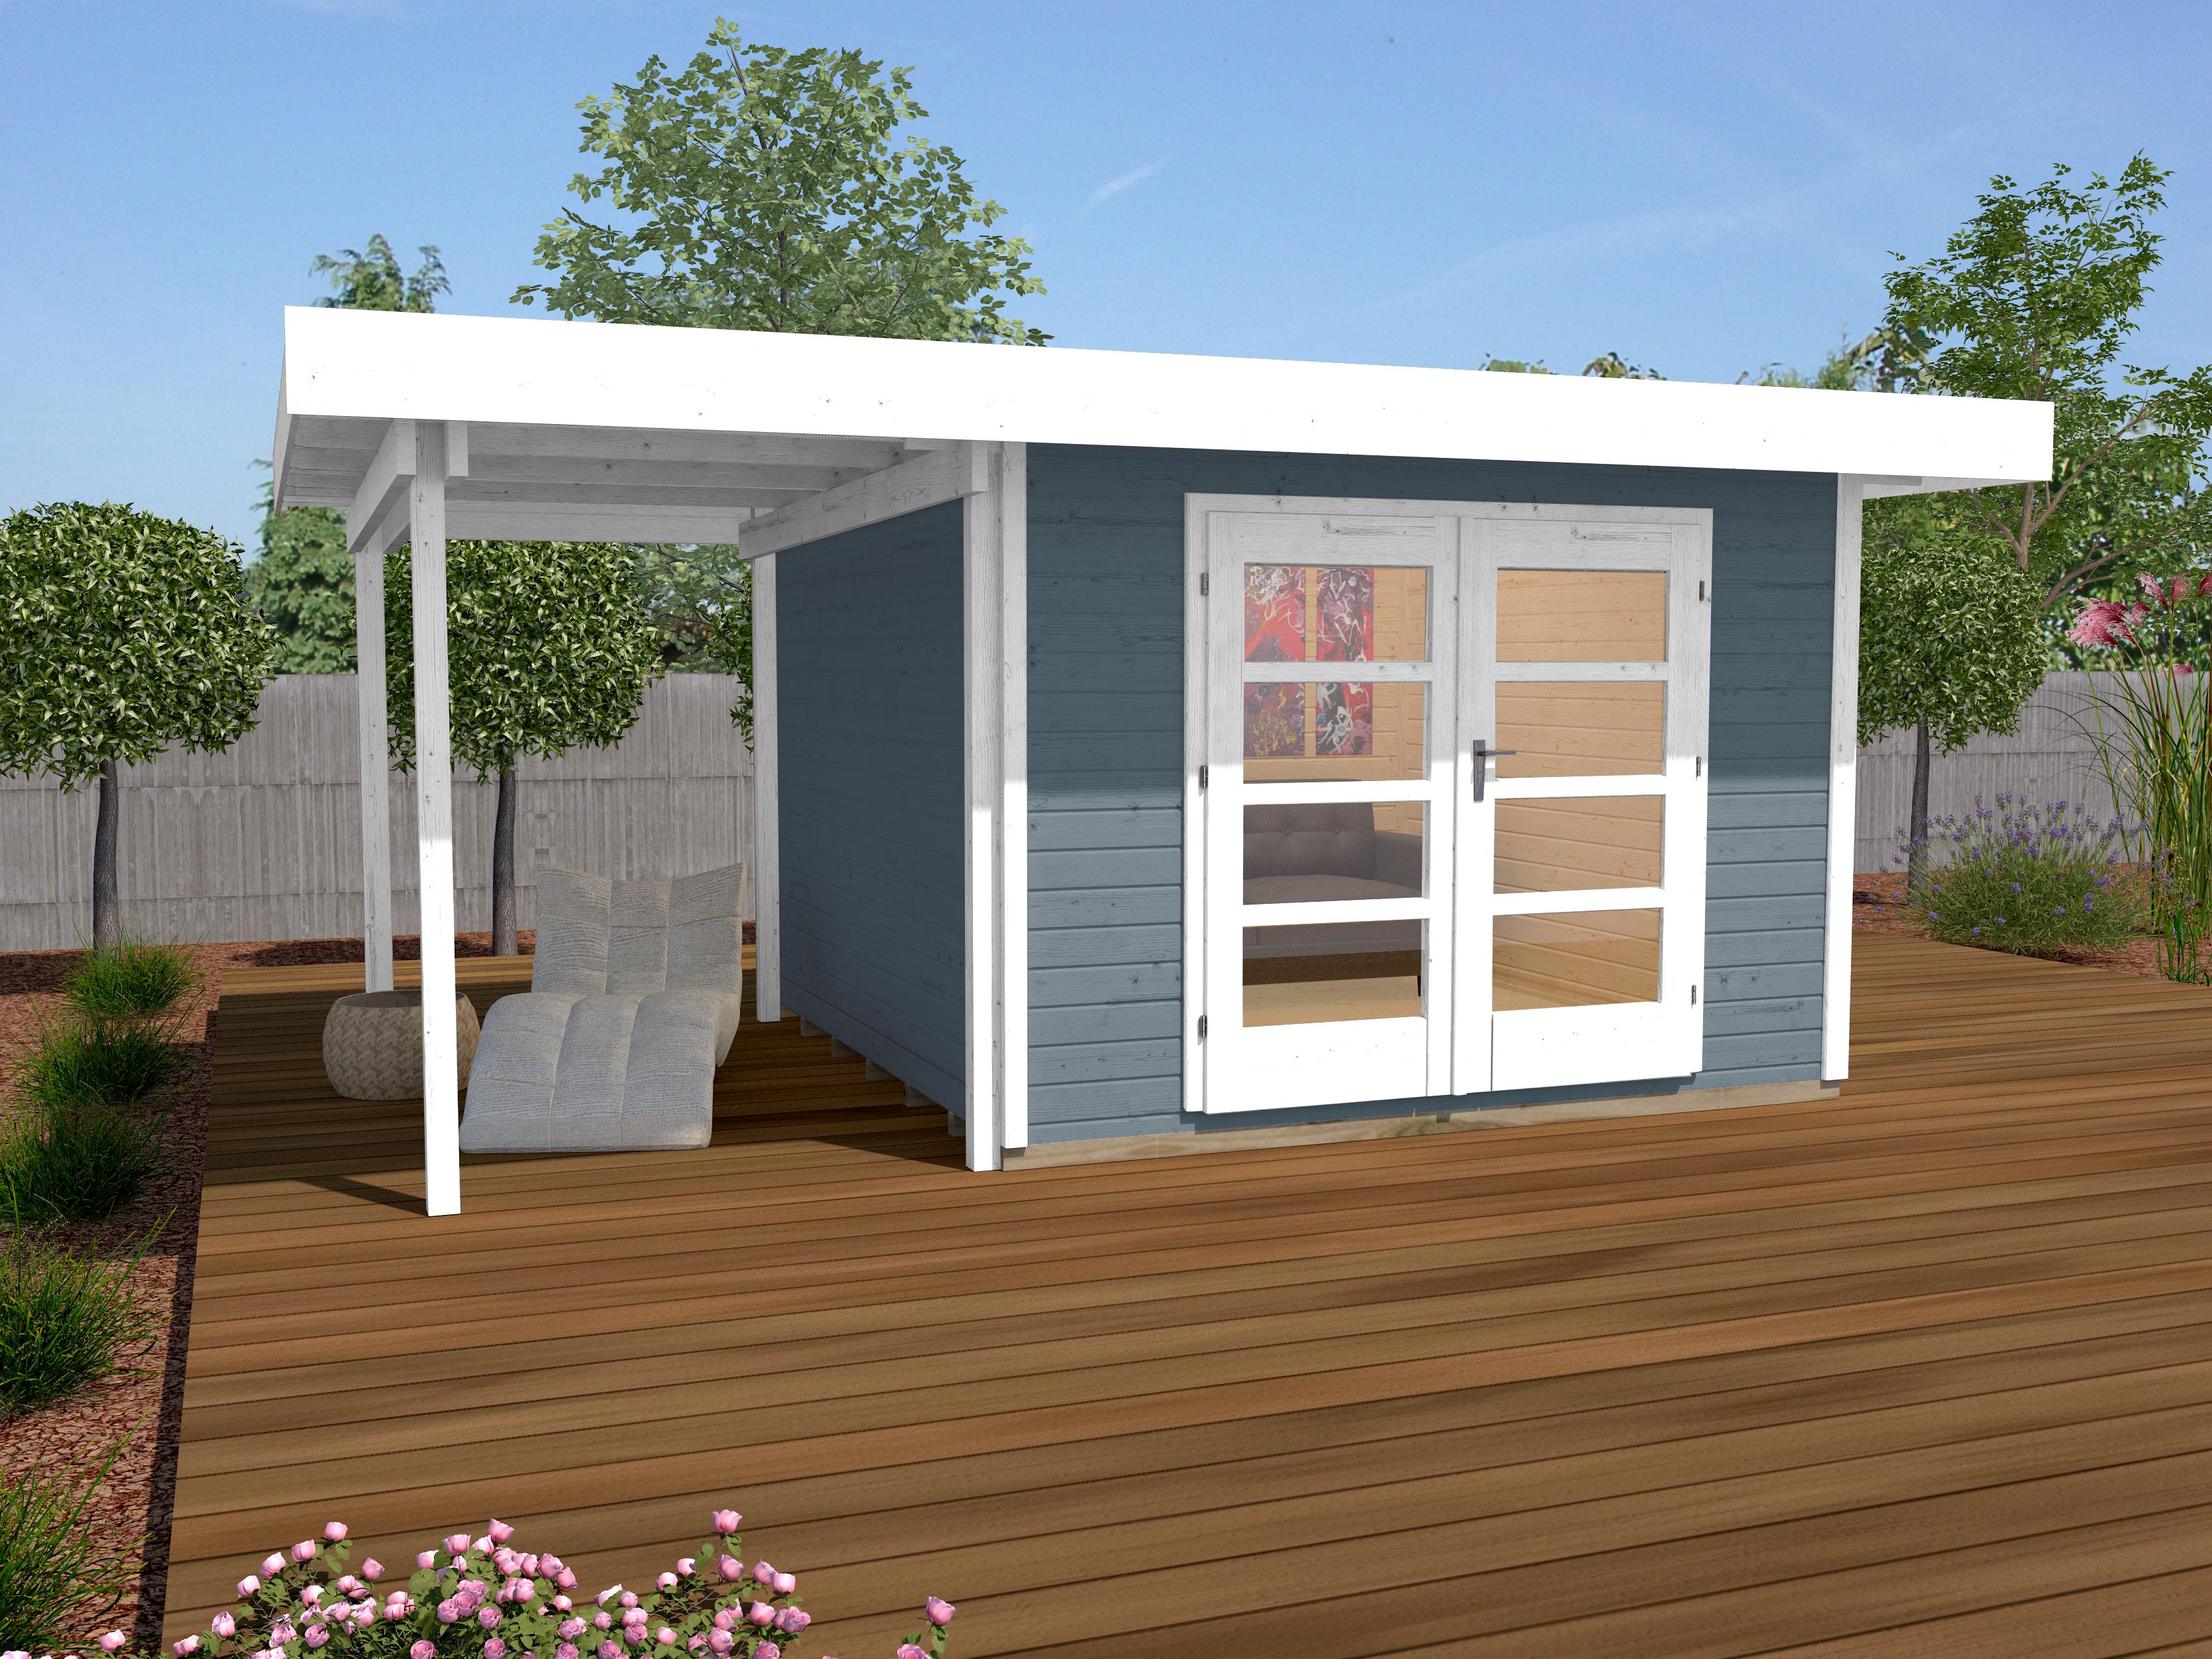 Abri De Jardin Design Toit Plat Avec Auvent Coté - Abri Bois De 10 À 15 M²  Nea Concept pour Abri De Jardin Design